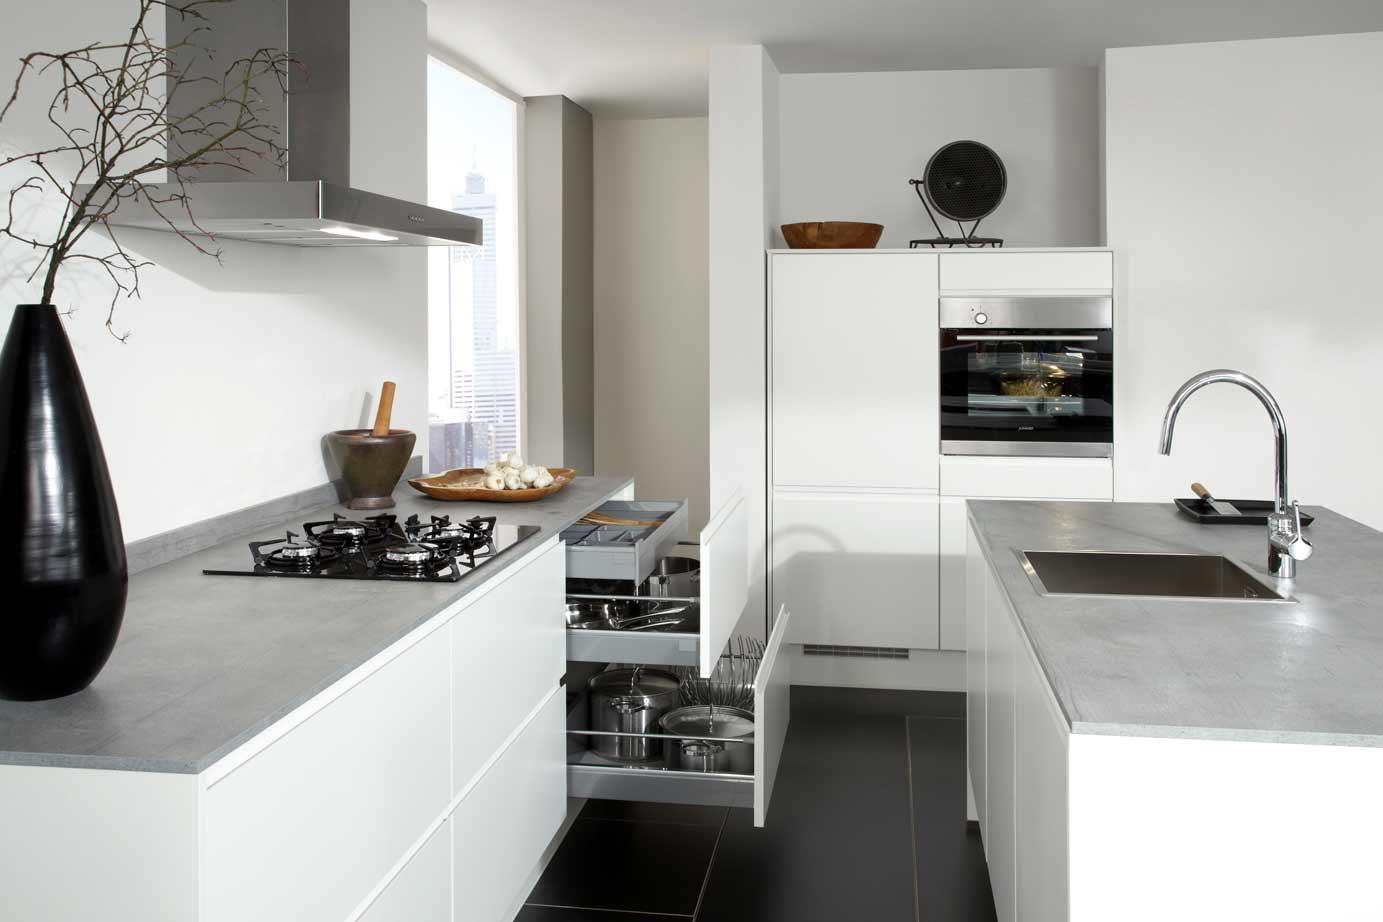 Goedkope keuken kopen? Laagste prijs door inkoopvoordeel